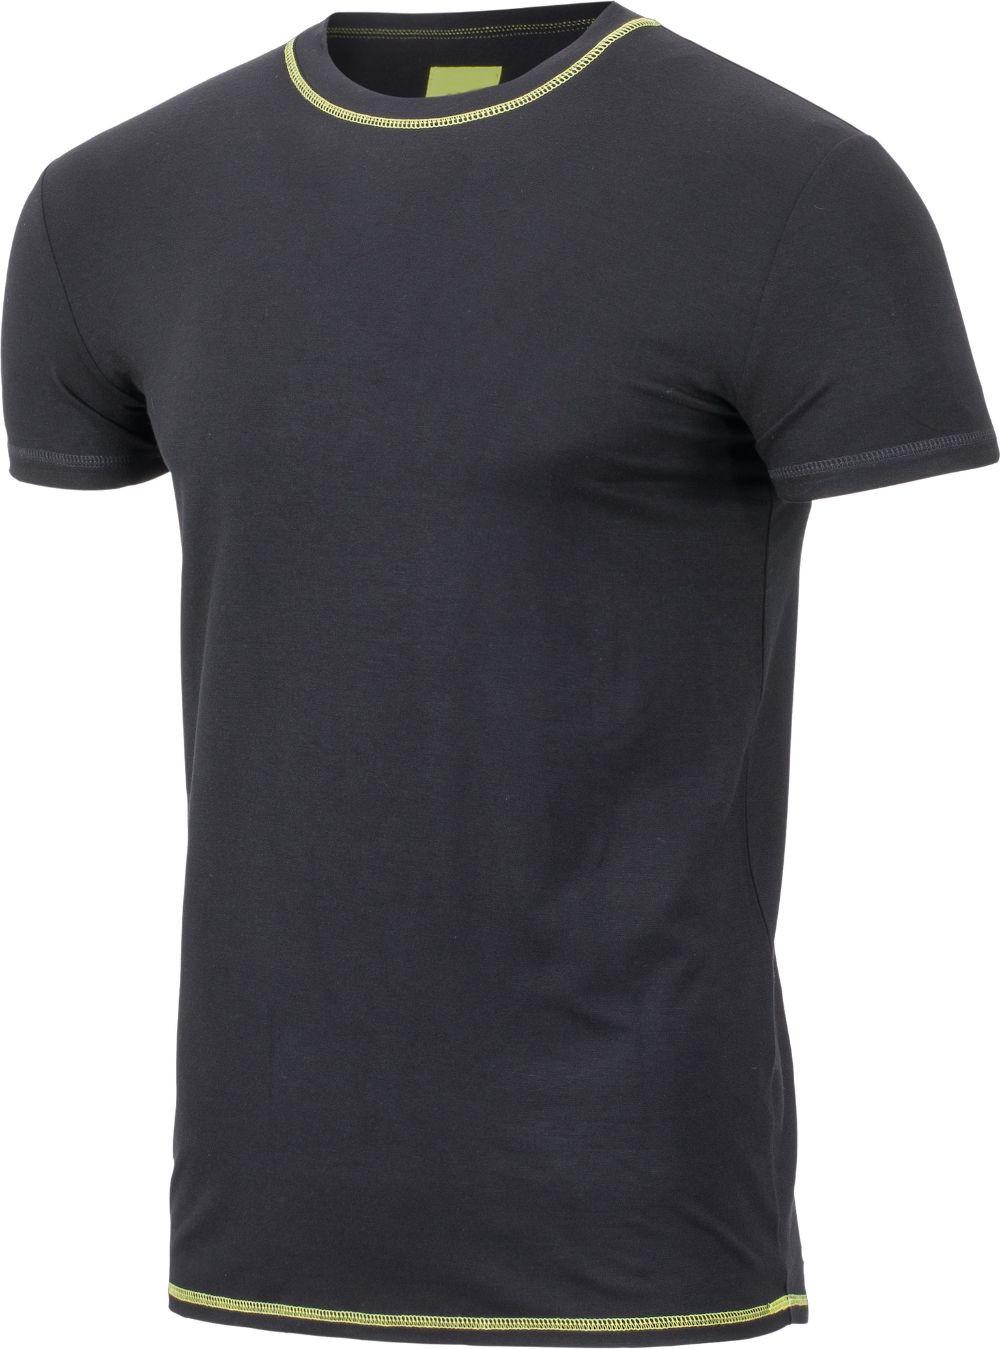 Visbatex T-Shirt Antibakteriell Silver+ Kurzarm – schwarz